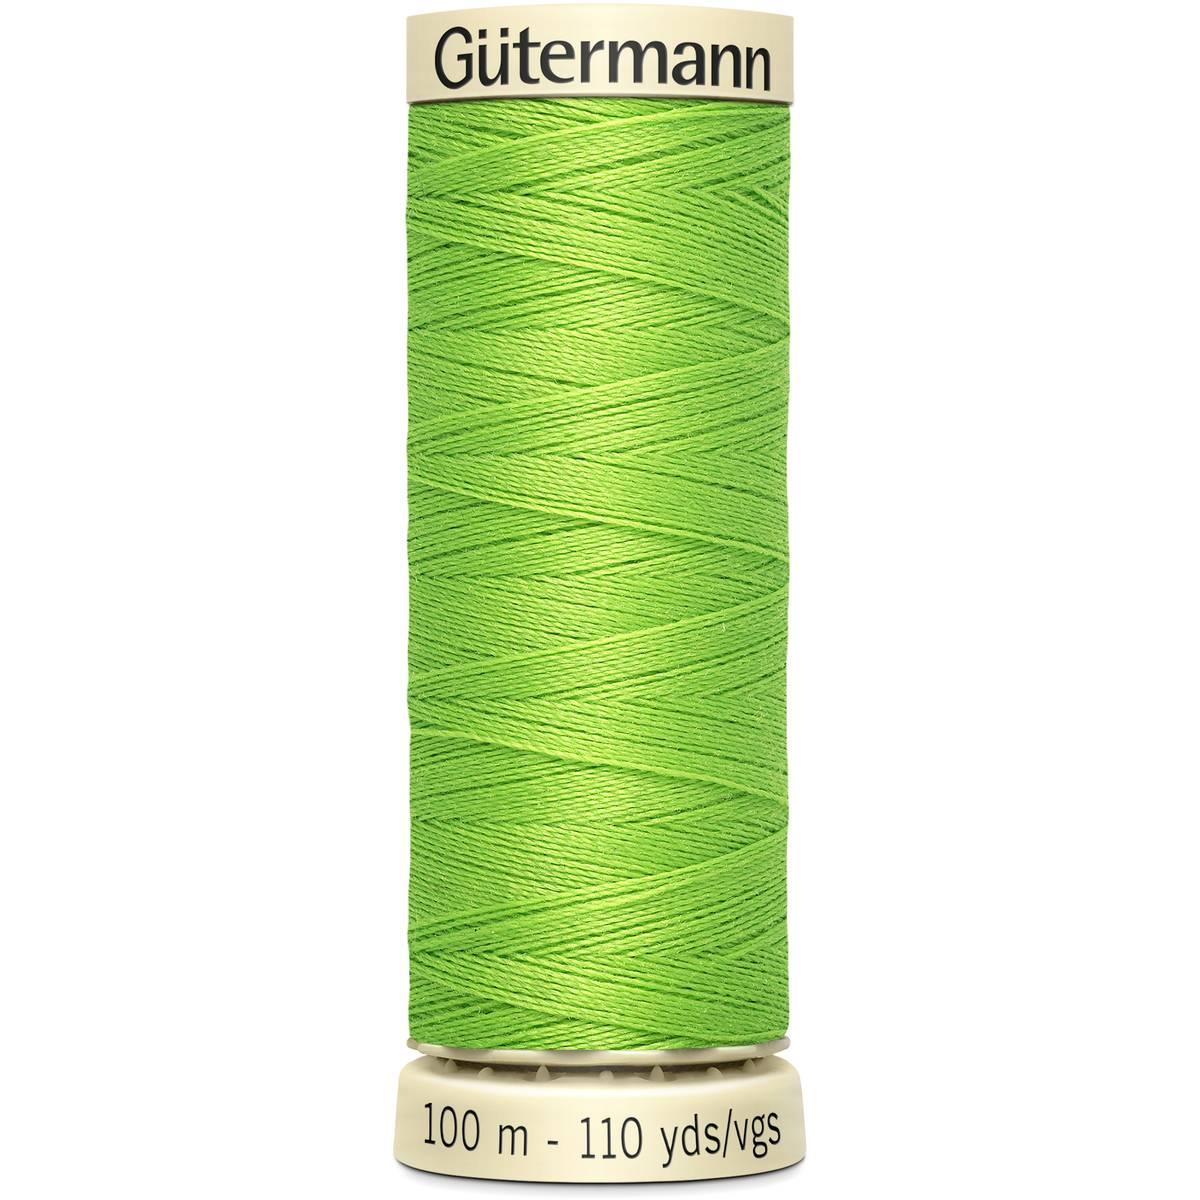 חוט תפירה גוטרמן - Green 336